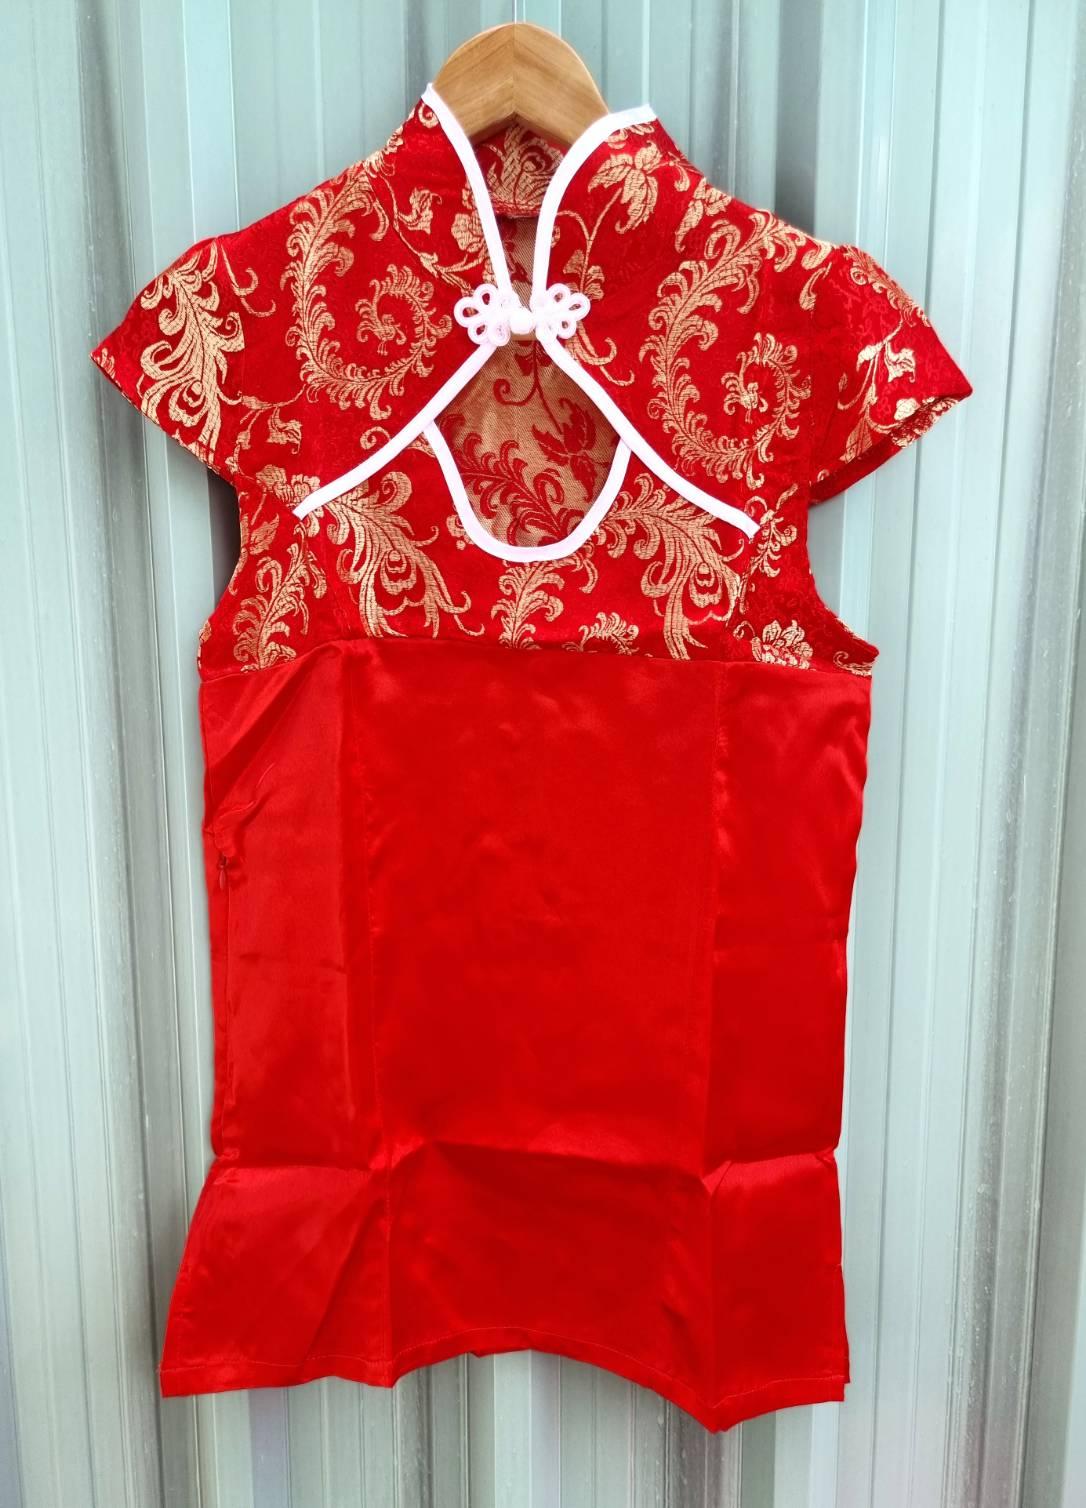 ++Saleราคาพิเศษ++ชุดกี่เพ้าสีแดงลายดอกไม้สีทองสวย ตัดต่อผ้าพื้นสีแตงสด สวยค่ะ